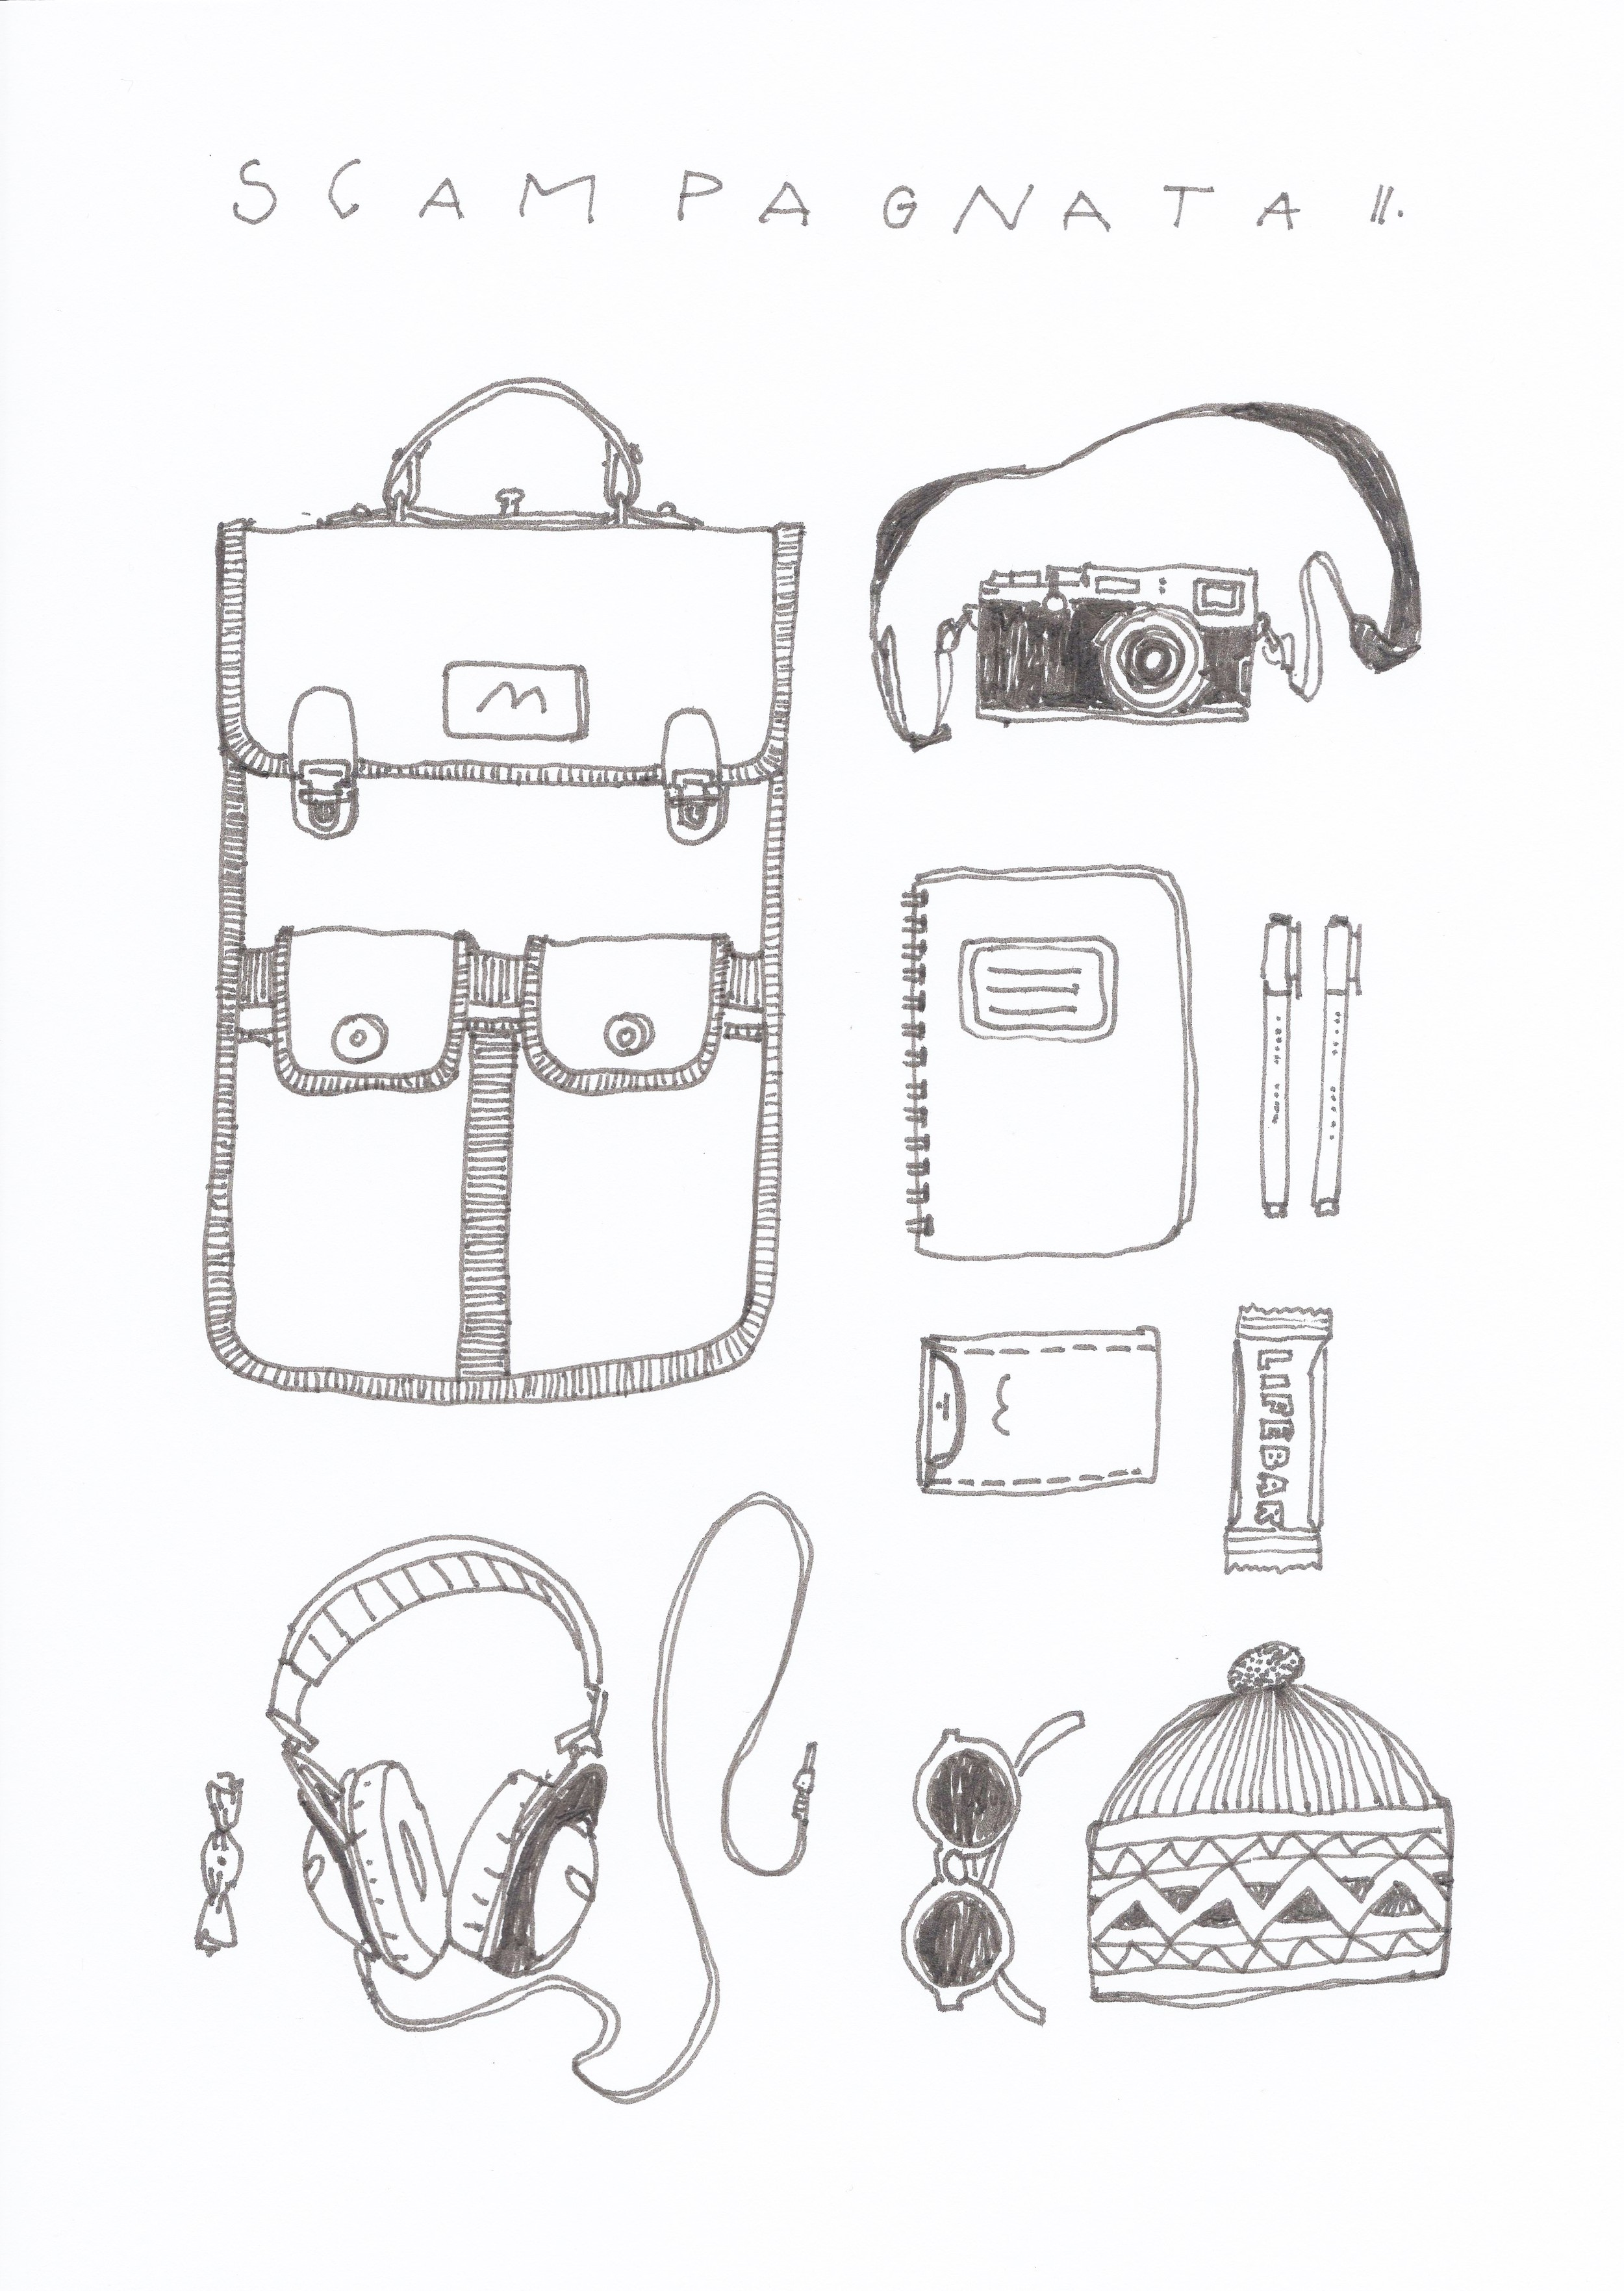 Batůžky jsou pokračováním piknikové řady SCAMPAGNATA tentokrát určené na víkendové výlety z města do přírody.